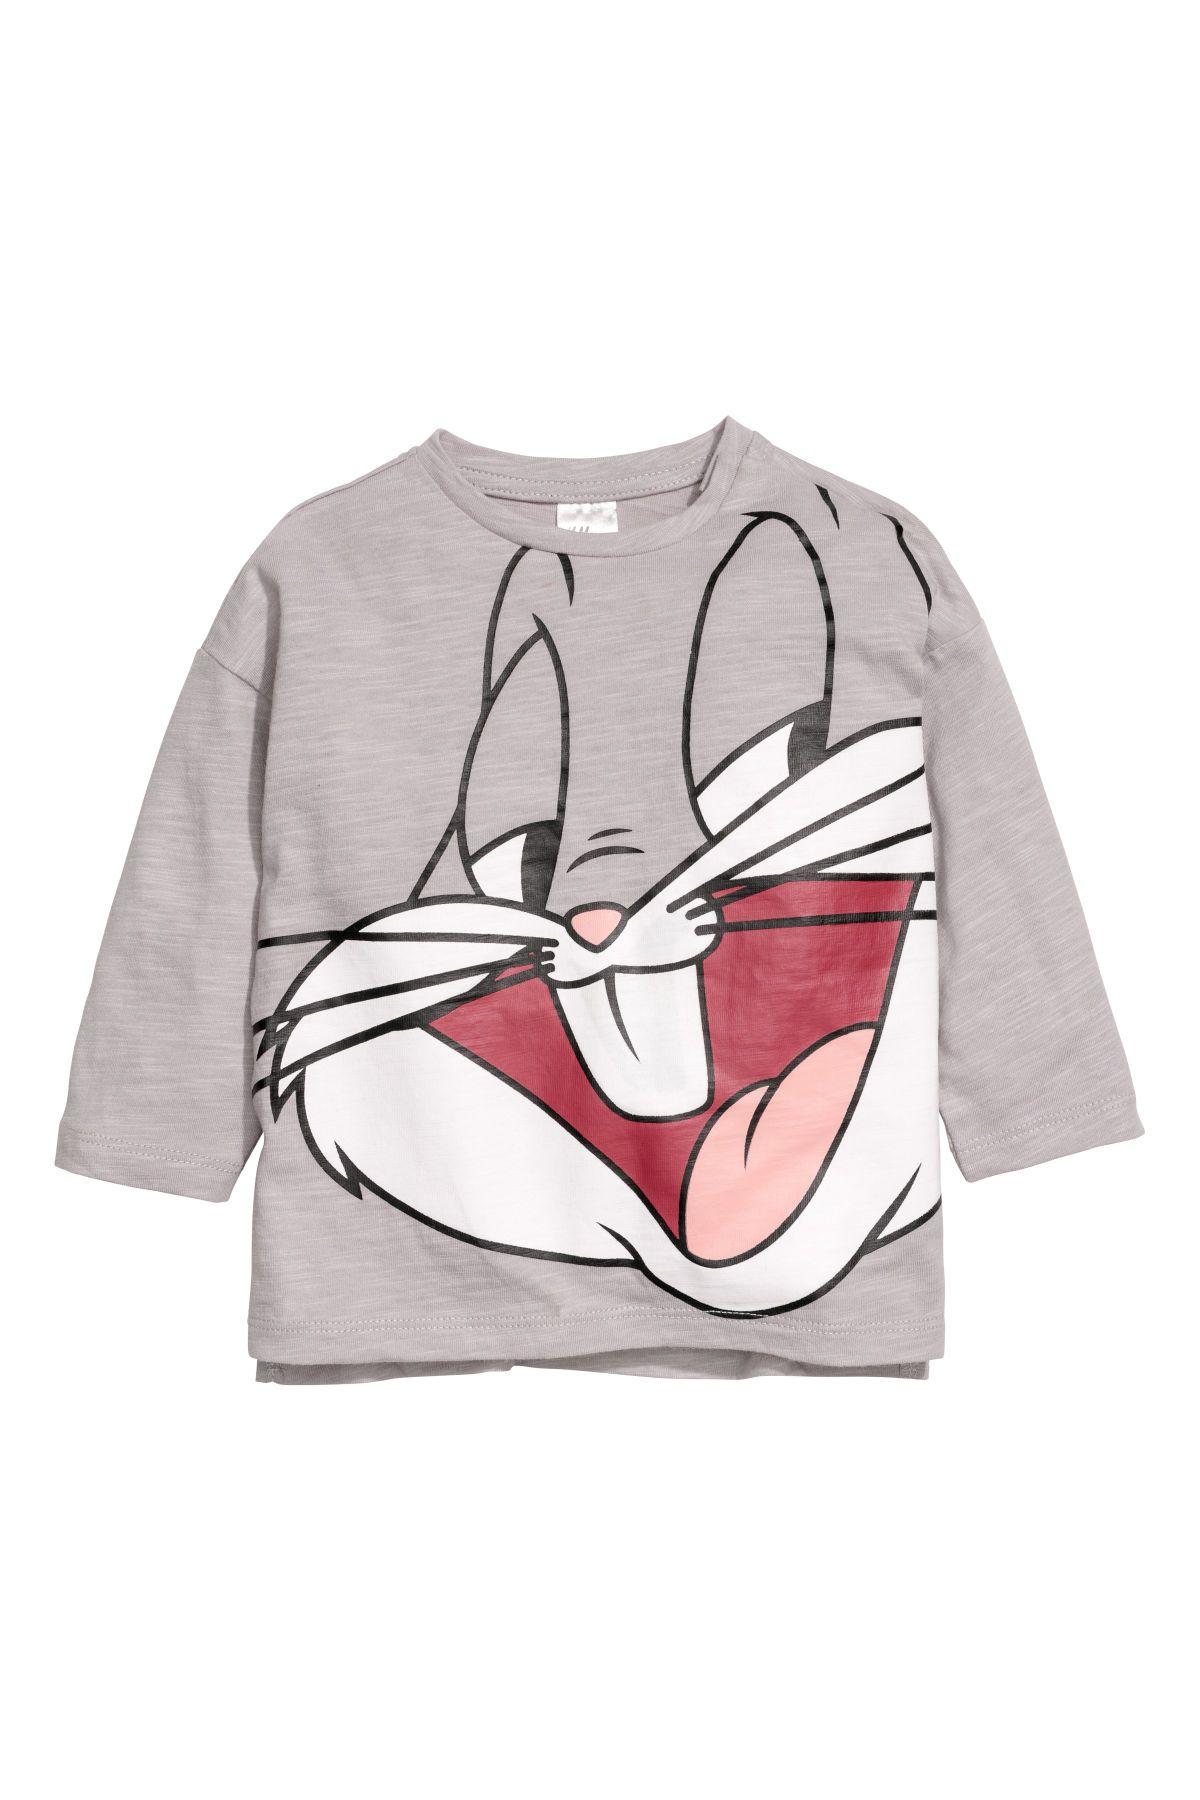 72ad425425f 2 camisetas de manga larga | Topo/Looney Tunes | NIÑOS | H&M MX ...